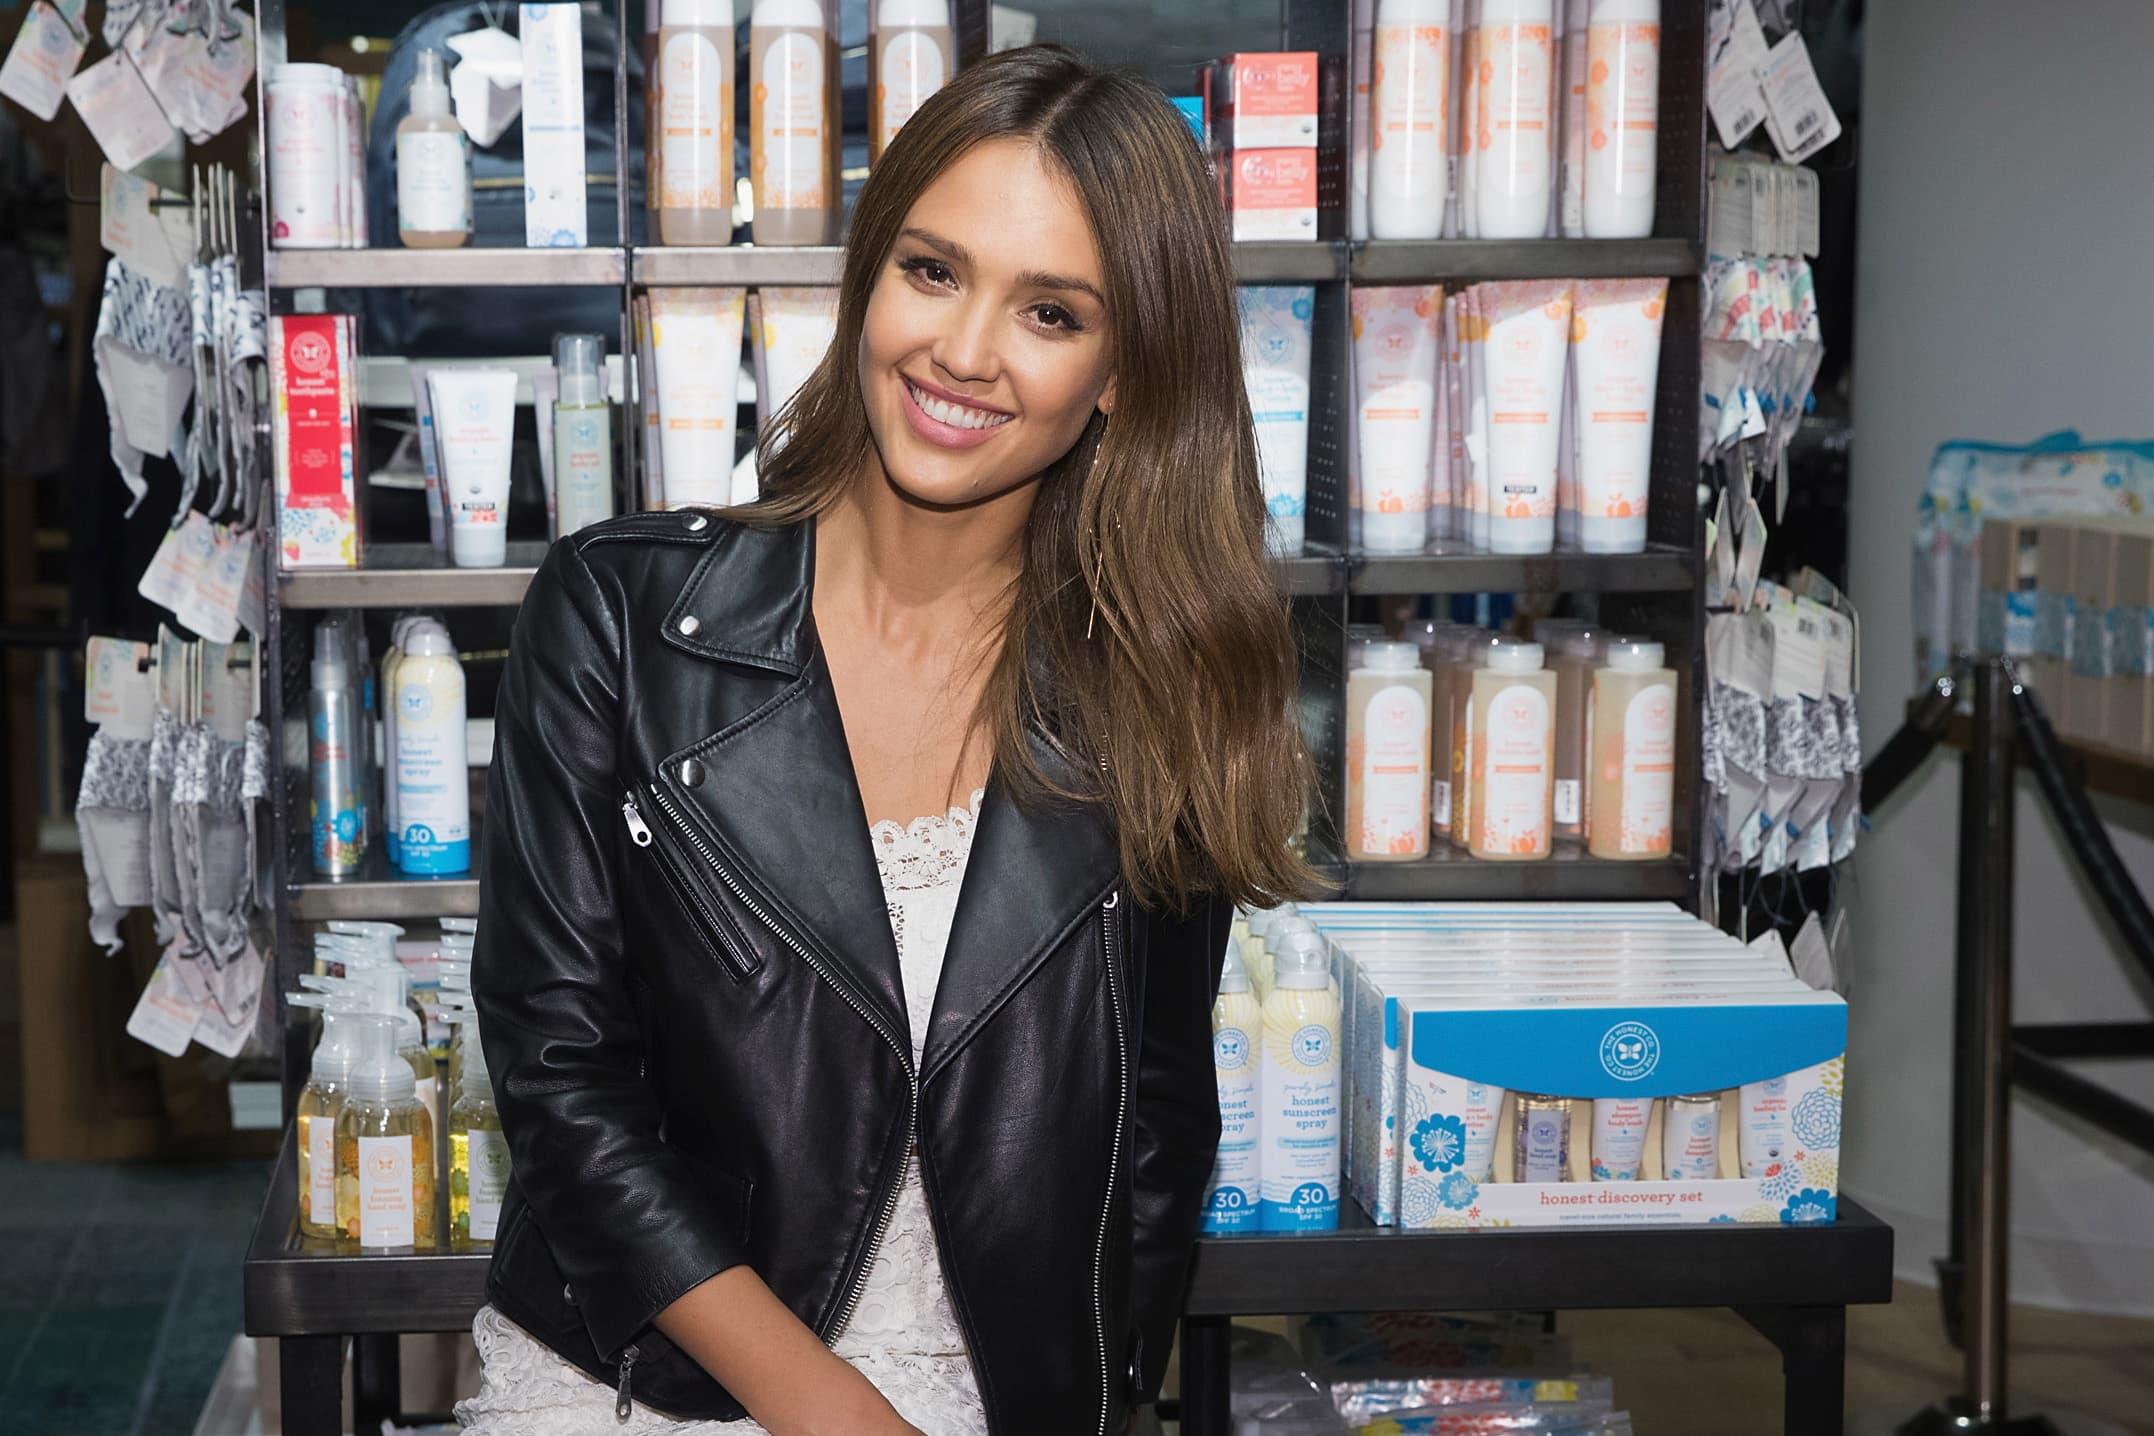 Jessica Alba-backed Honest Company IPO raises 2.8 million